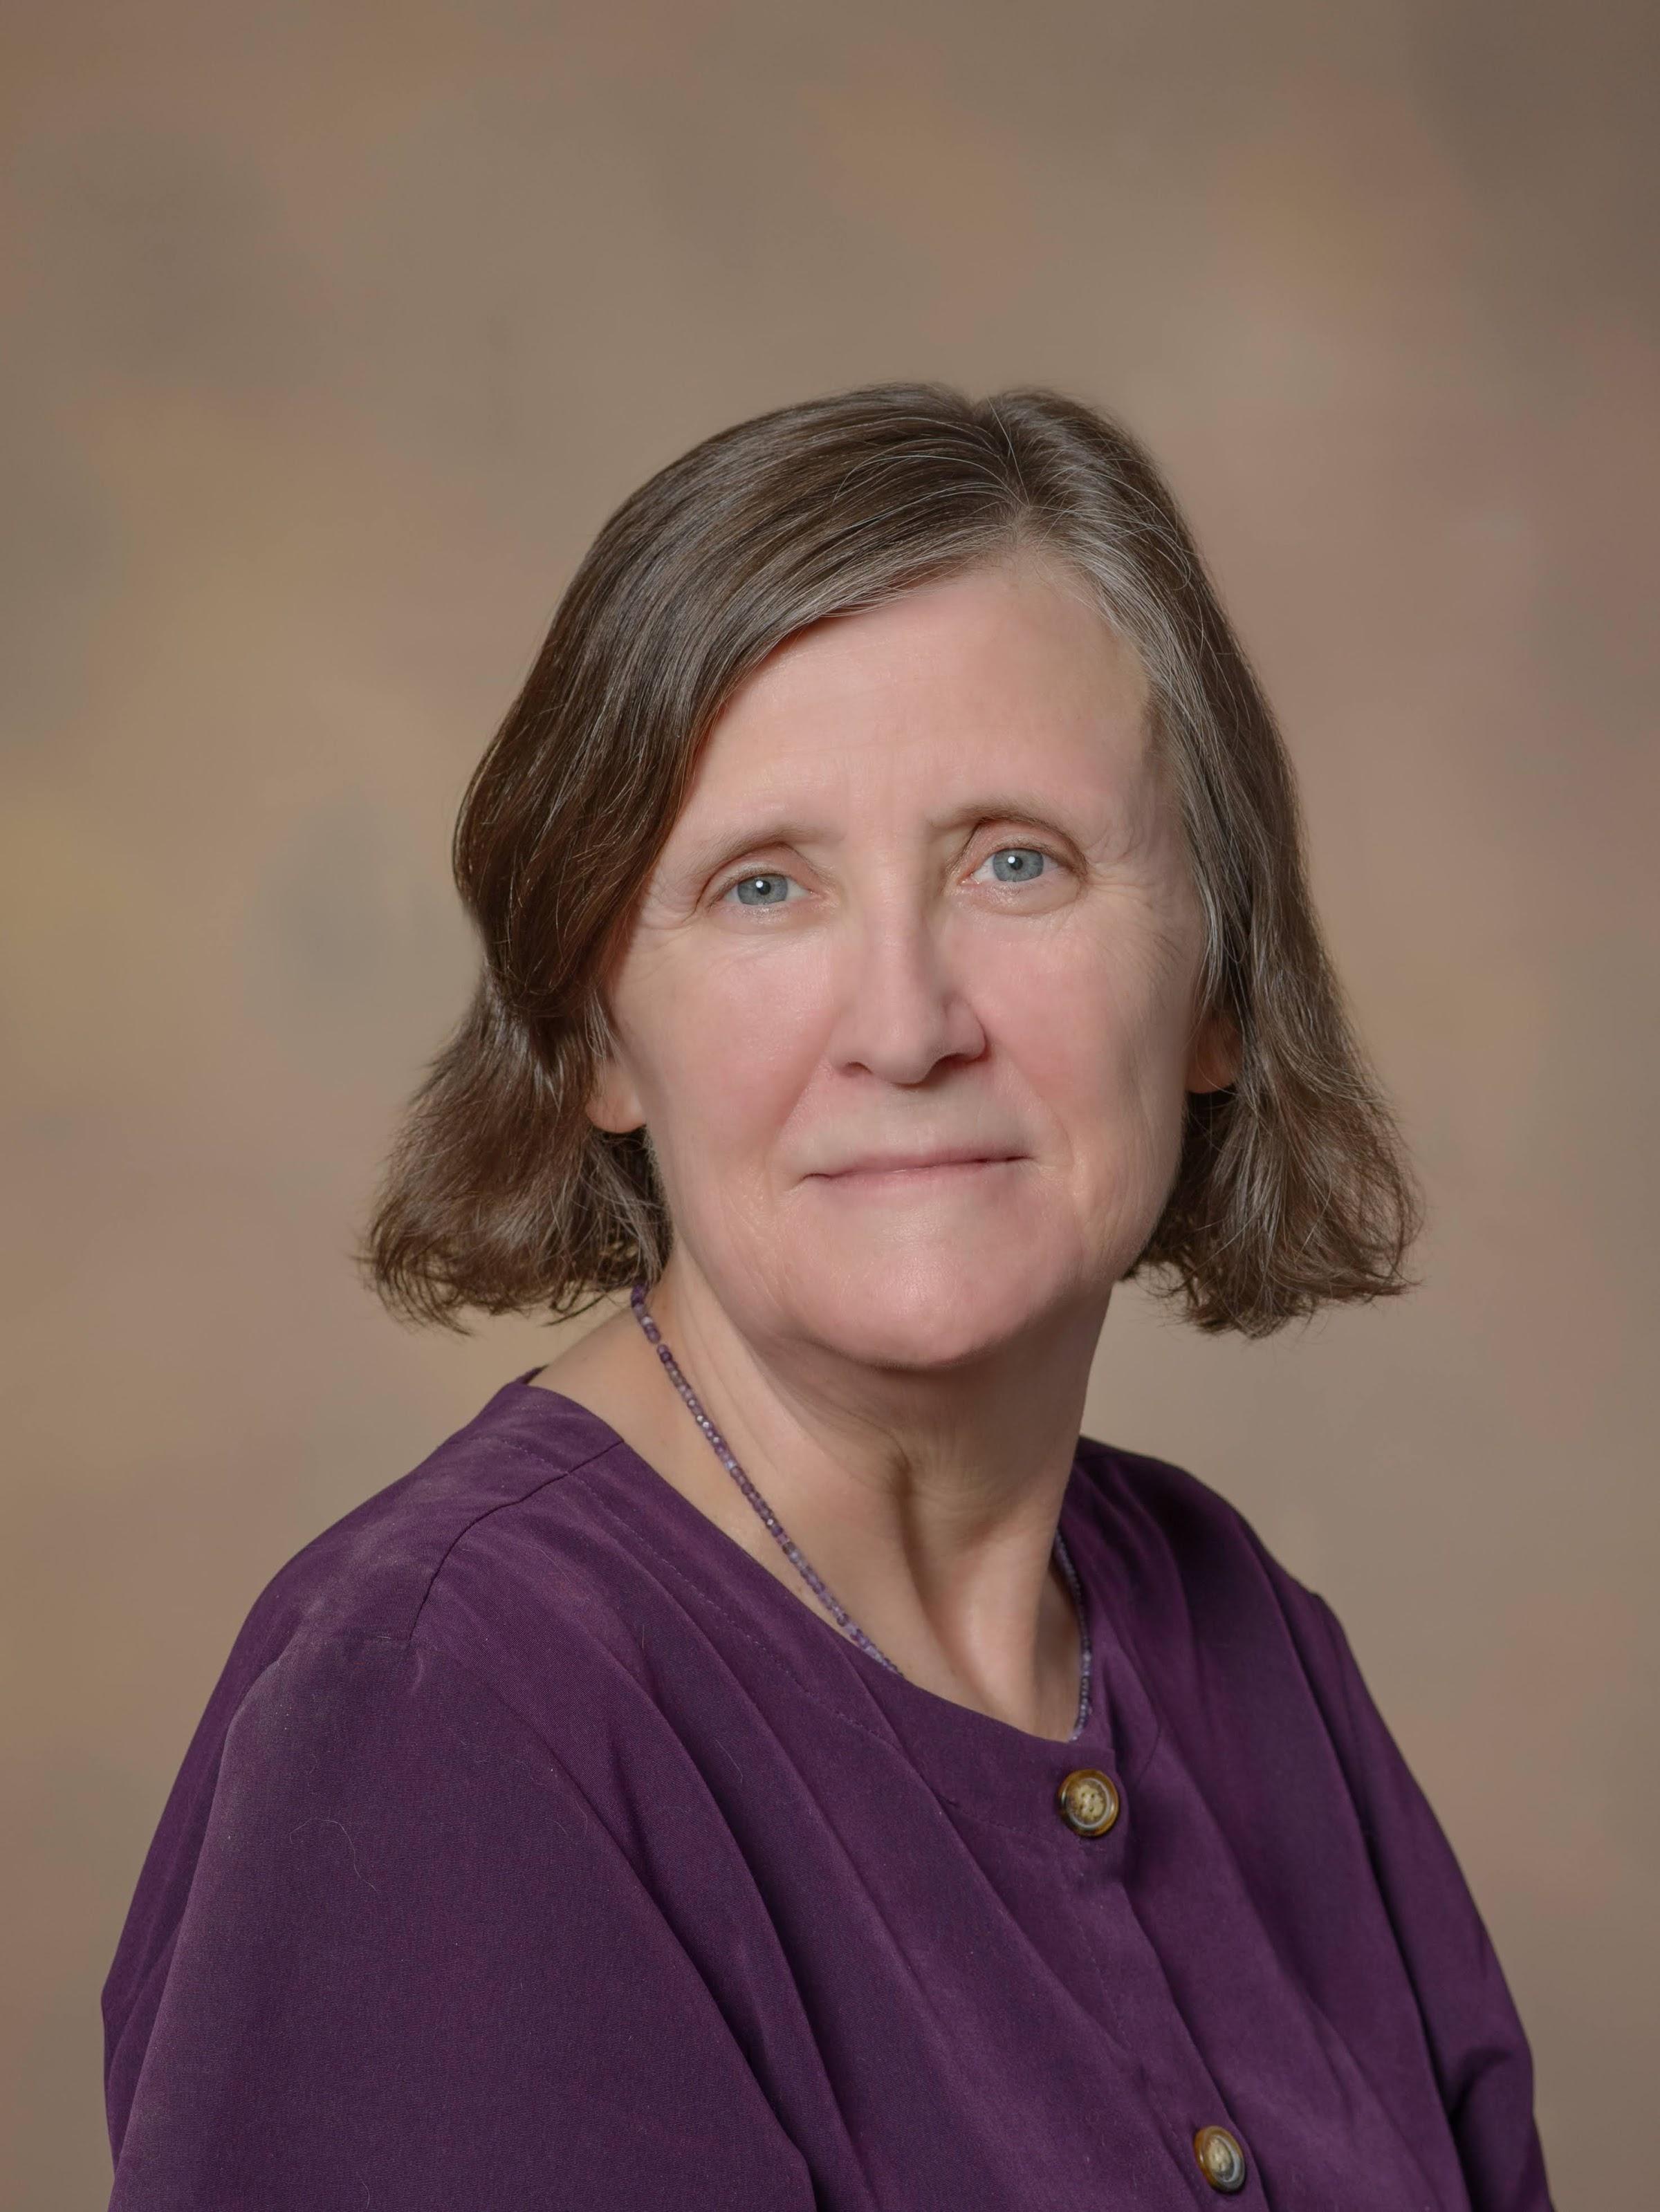 Patty Jansma, MS